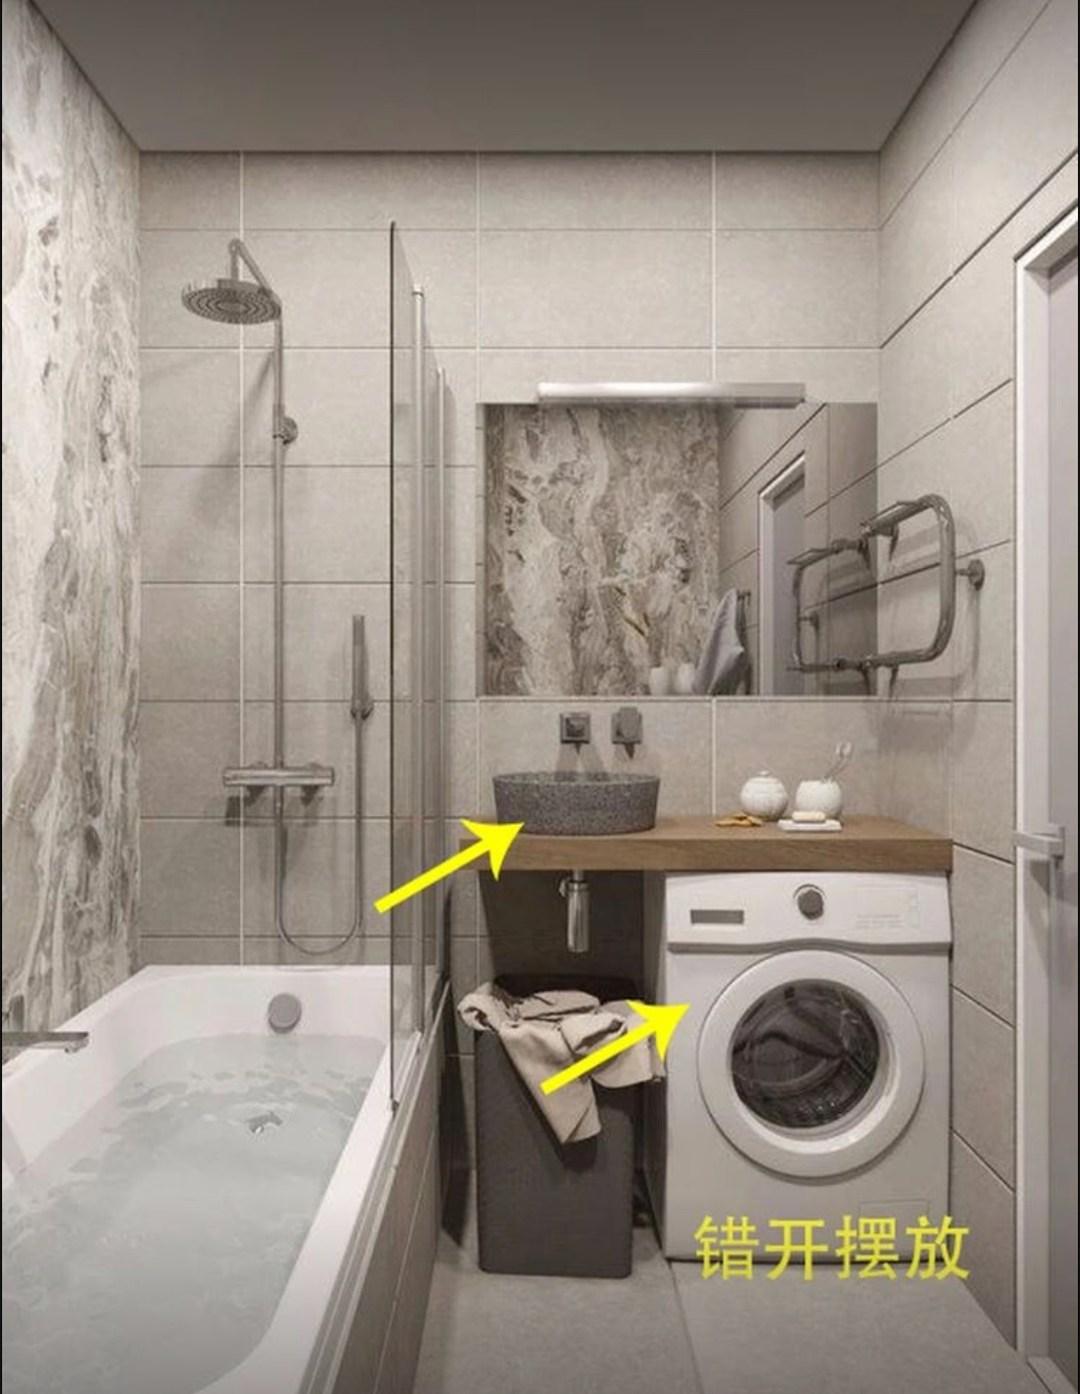 洗衣机不用放阳台,这样装,2㎡的卫生间也能塞得下,太实用了